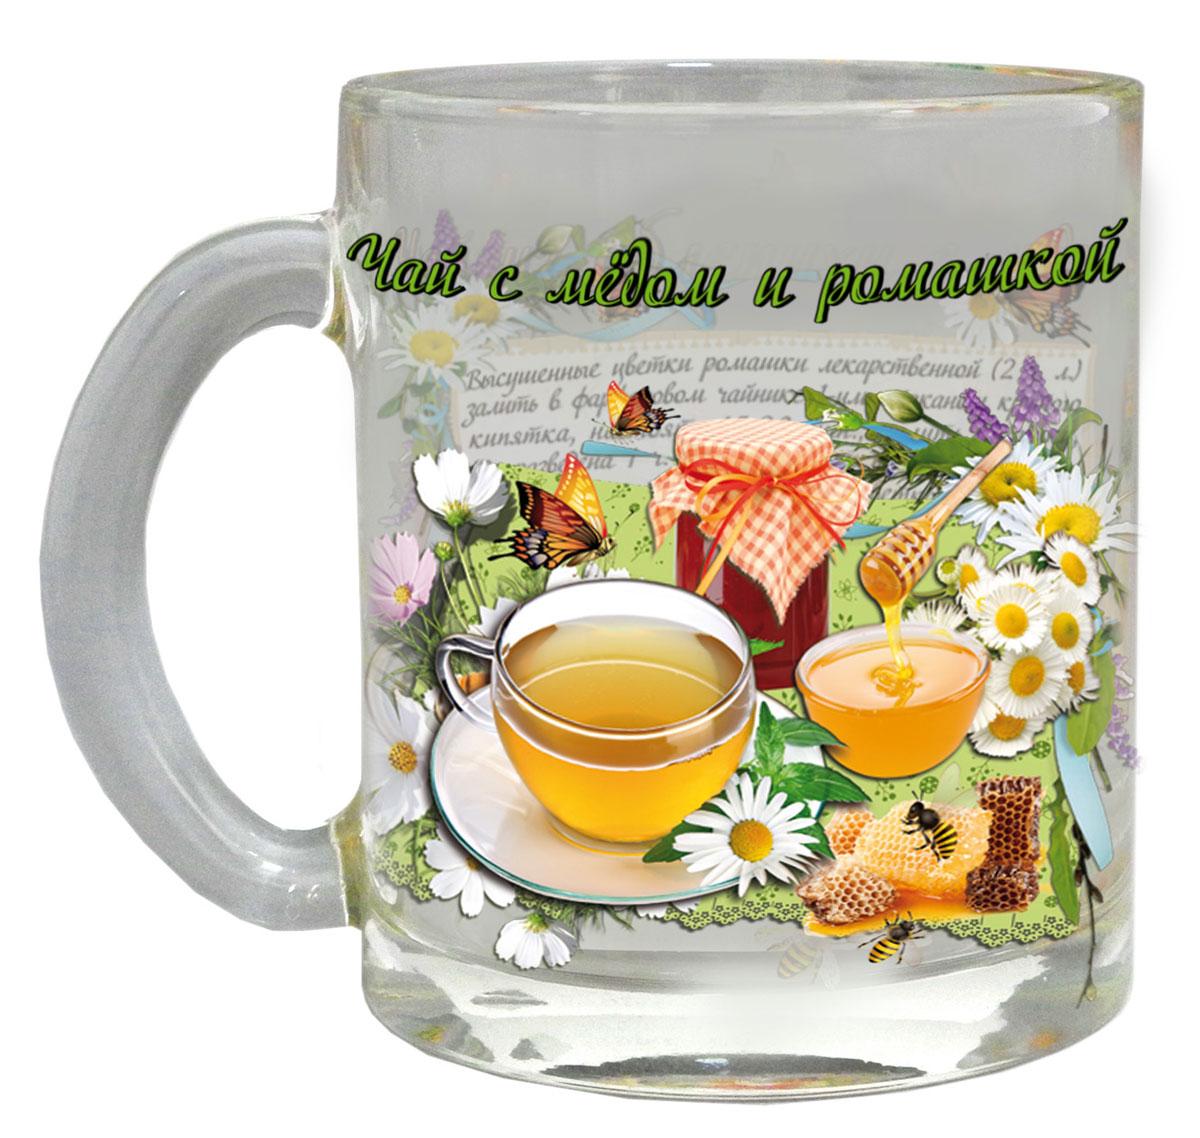 Кружка Квестор Чай с медом и ромашкой, 320 мл115510Кружка Чай с медом и ромашкой выполнена из стекла. Внешняя сторона оформлена оригинальным рисунком и надписью.Кружка сочетает в себе оригинальный дизайн и функциональность. Благодаря такой кружке пить напитки будет еще вкуснее.